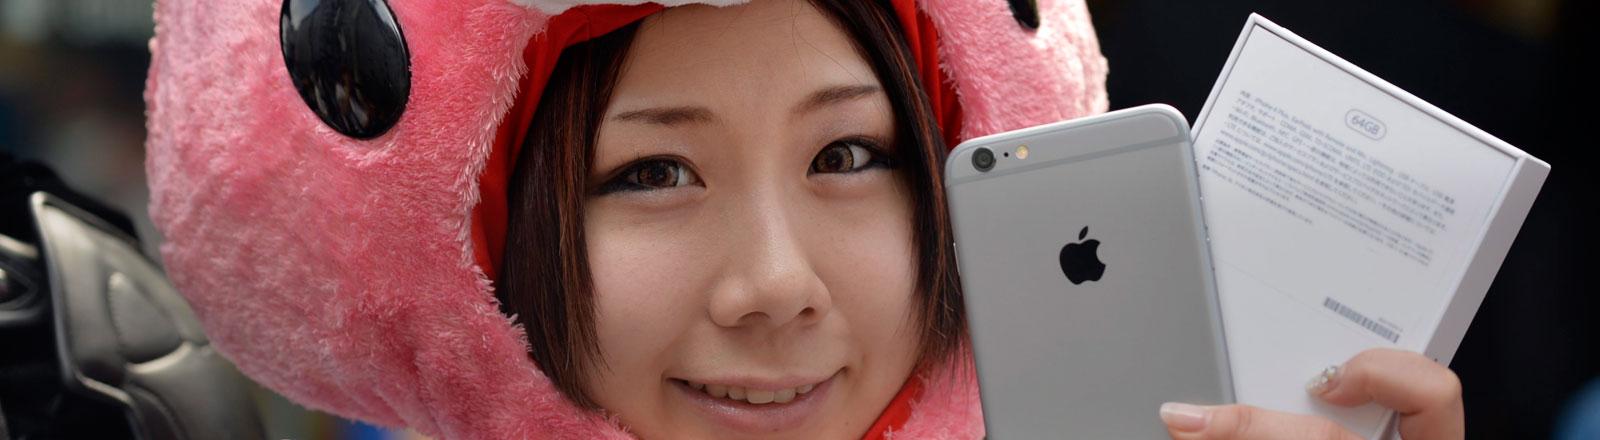 Eine Japanerin mit lustiger Kappe hält ein iPhone 6 in die Luft.